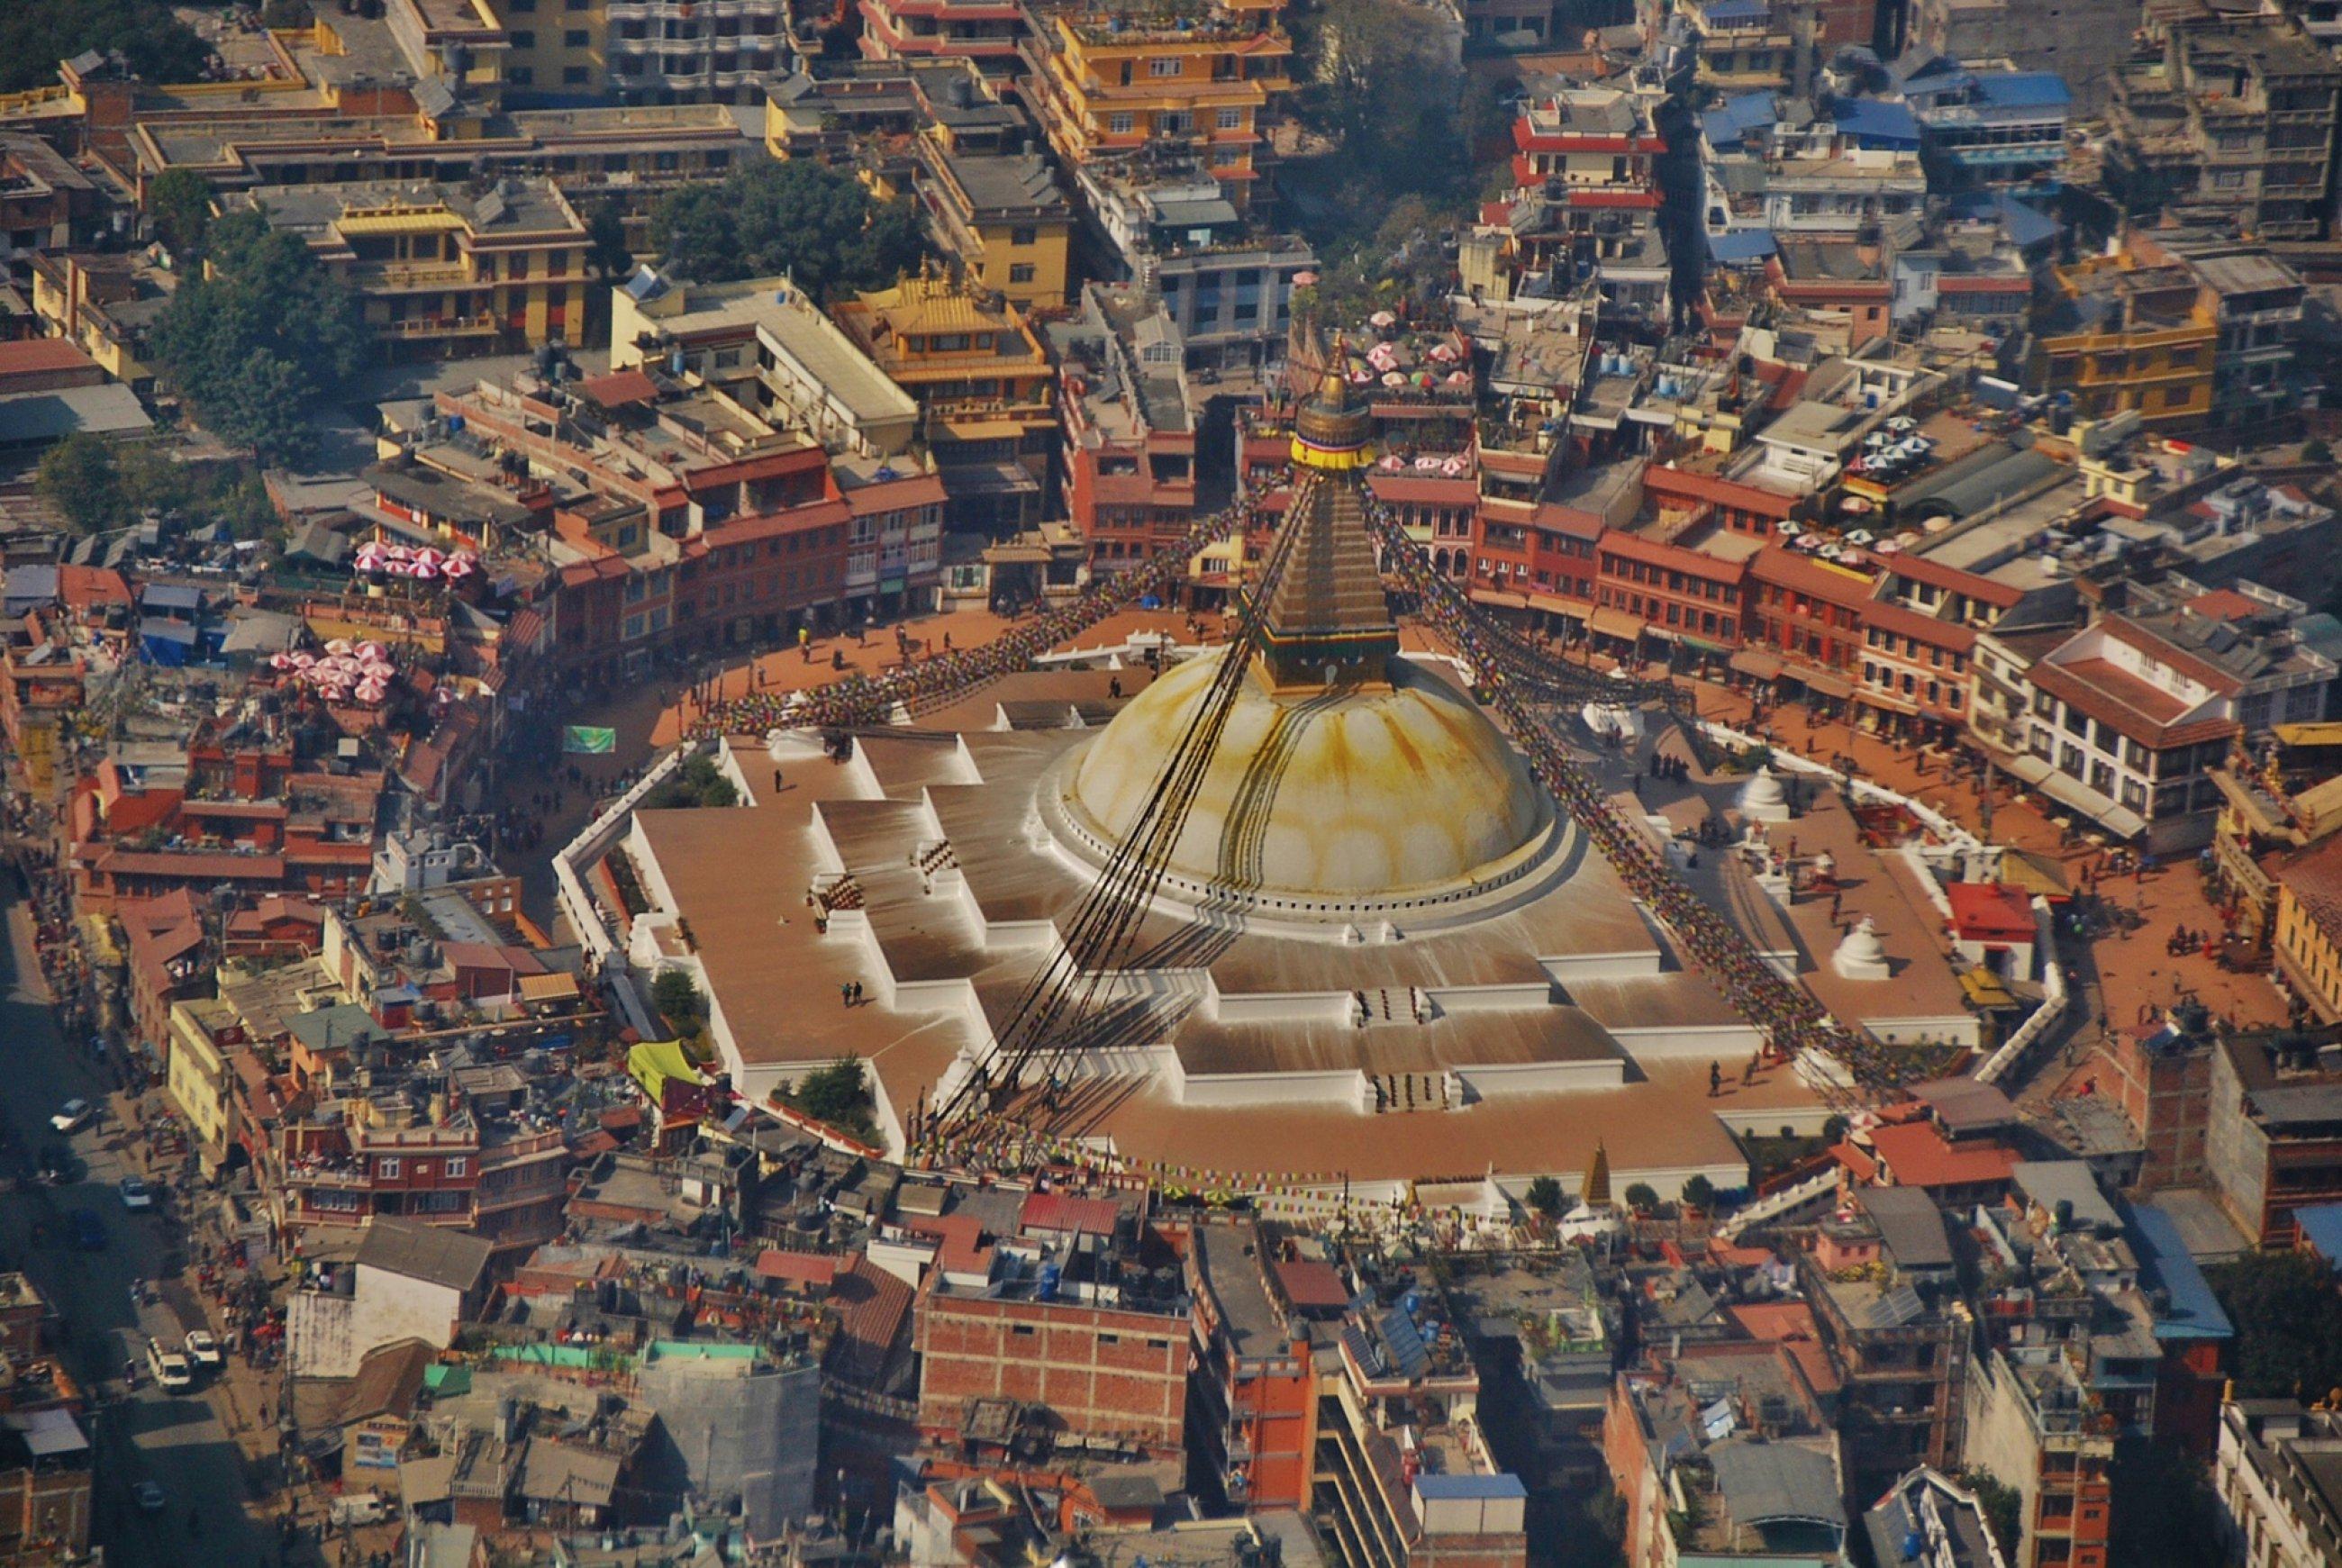 https://bubo.sk/uploads/galleries/16317/nepal-kathmandu-11-2014-mirka-sulka-389-.jpg